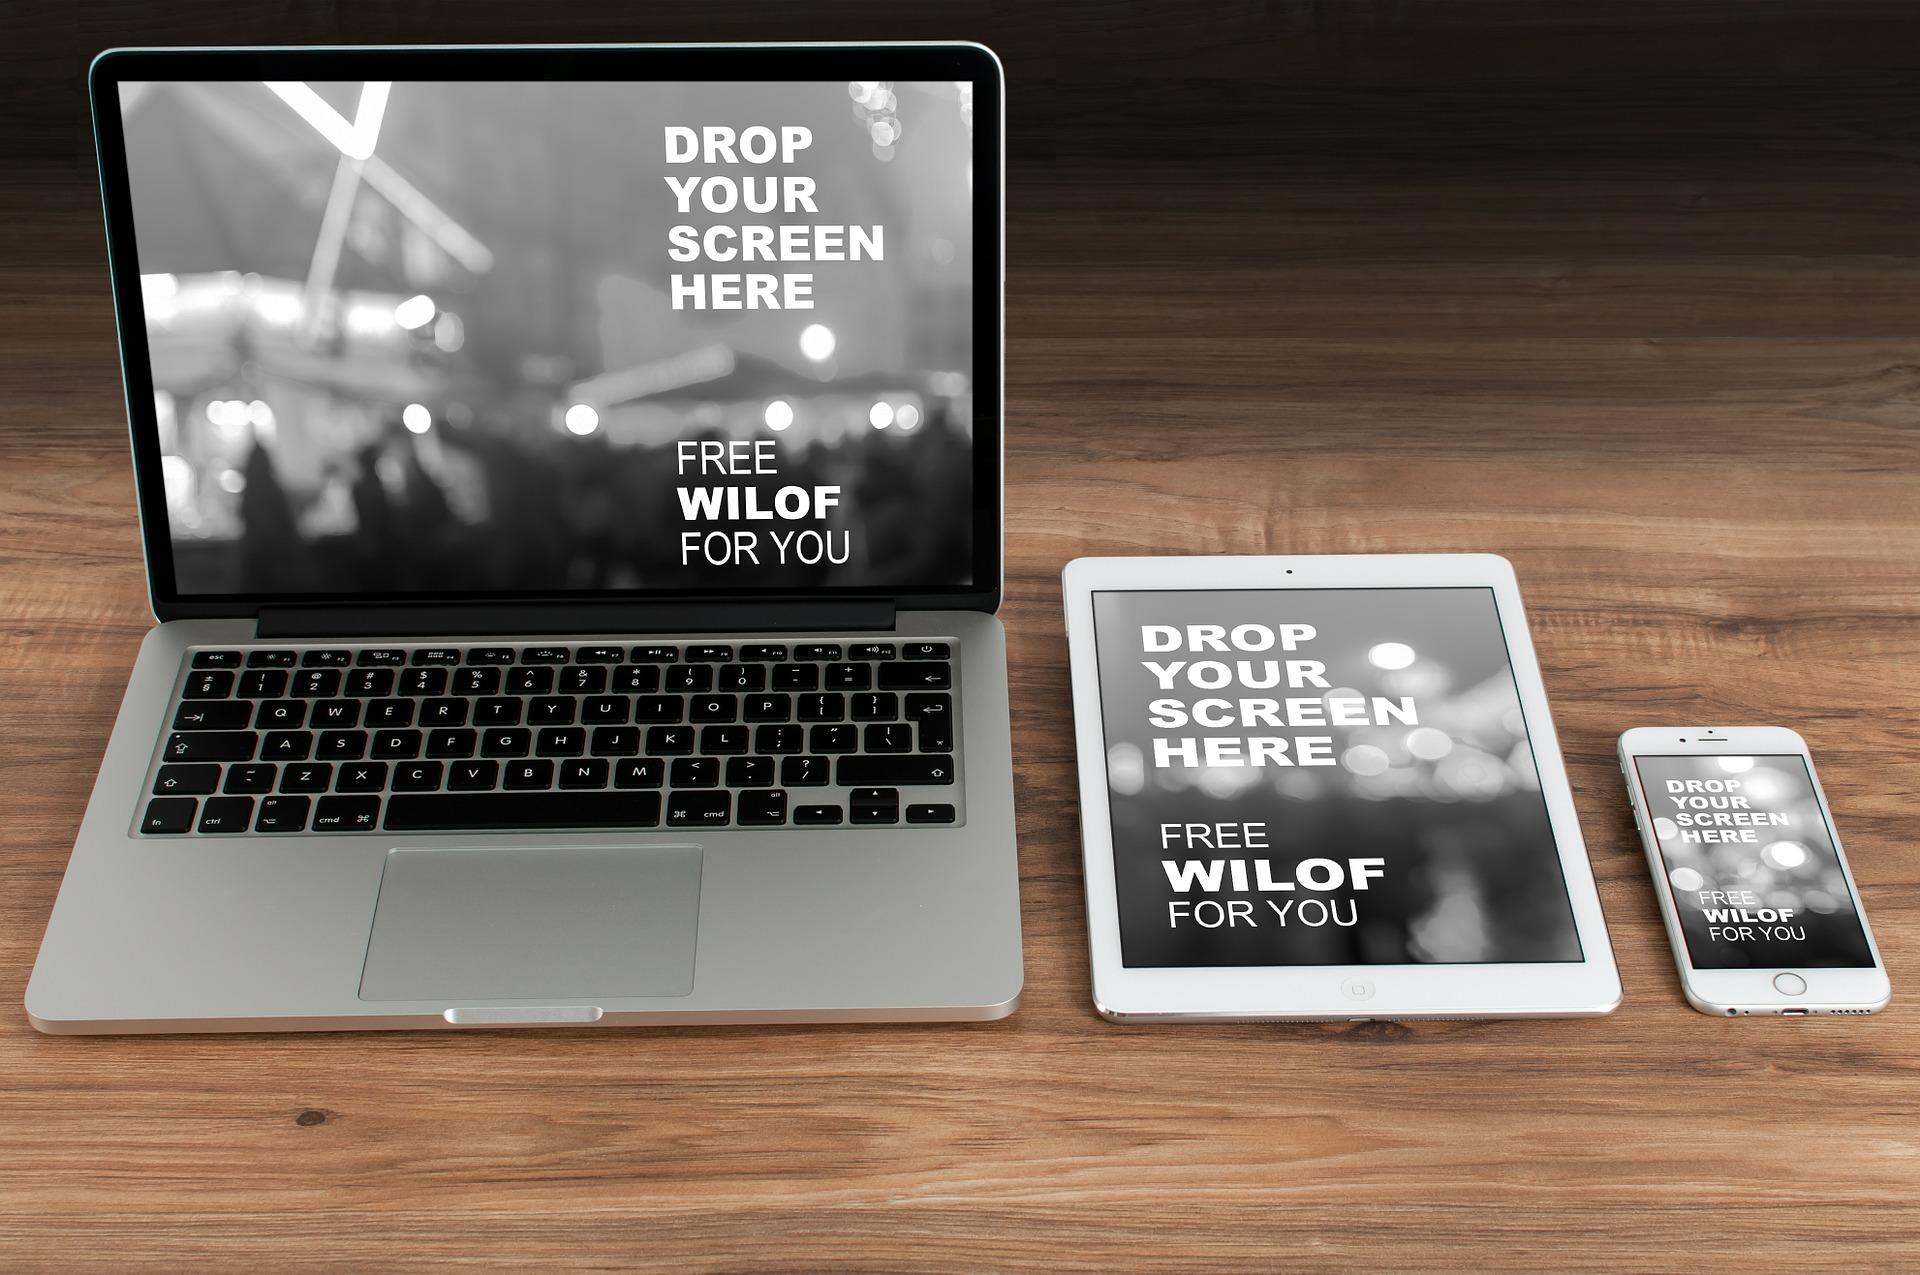 2019年iPadが大きく変わる。新しいiPadOS搭載、Macとの連携強化で2画面操作を実現などのアイキャッチイメージ